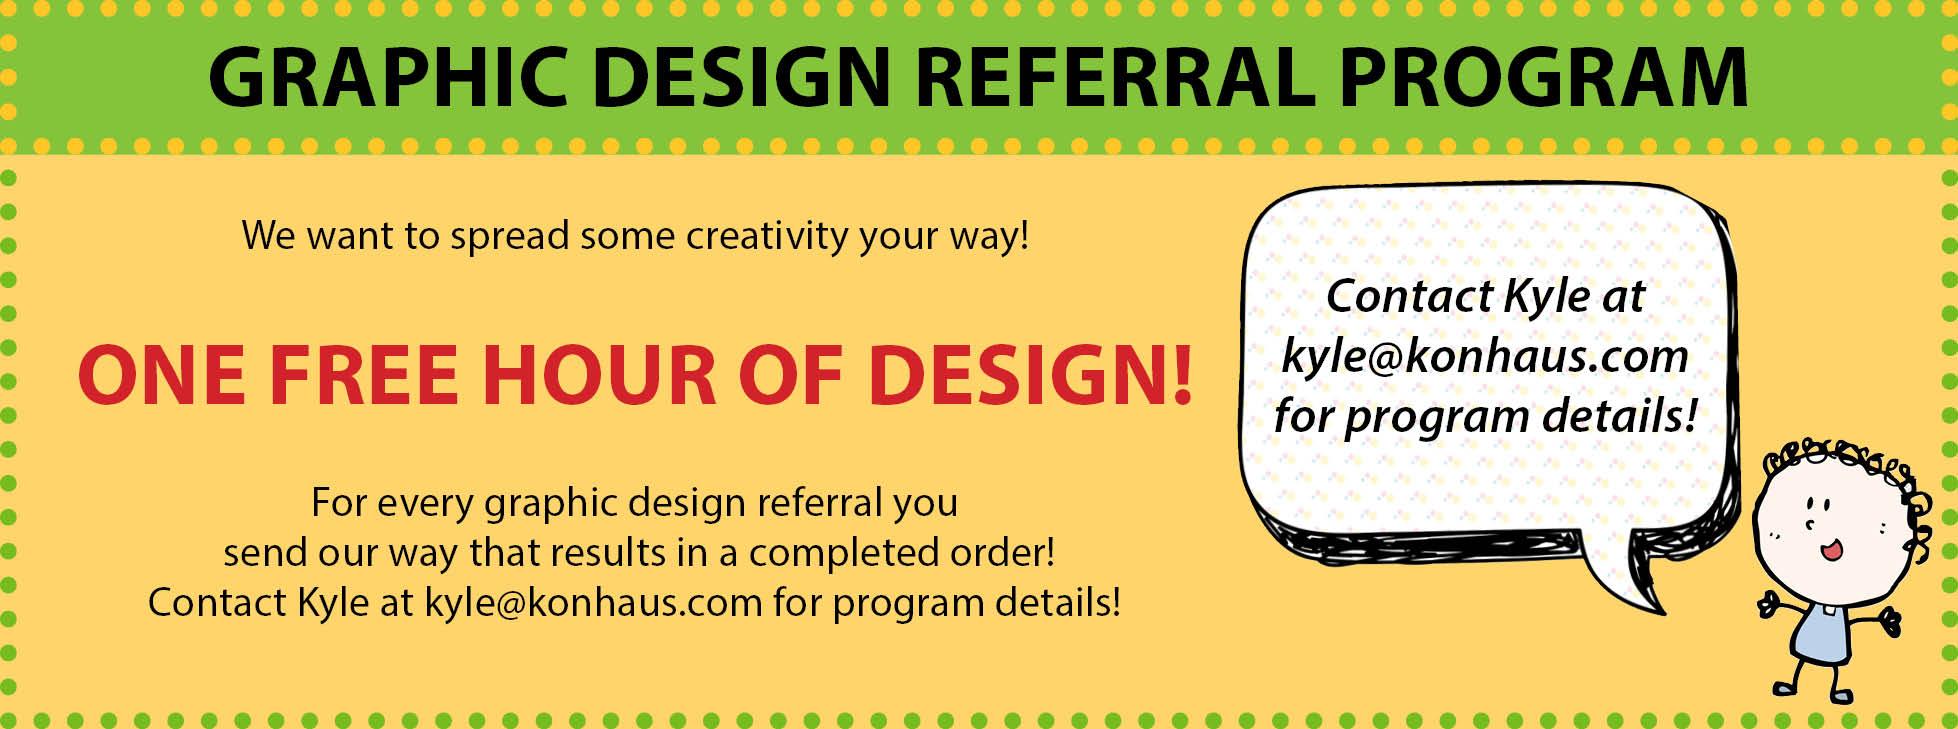 Graphic-Design-Referral-Program